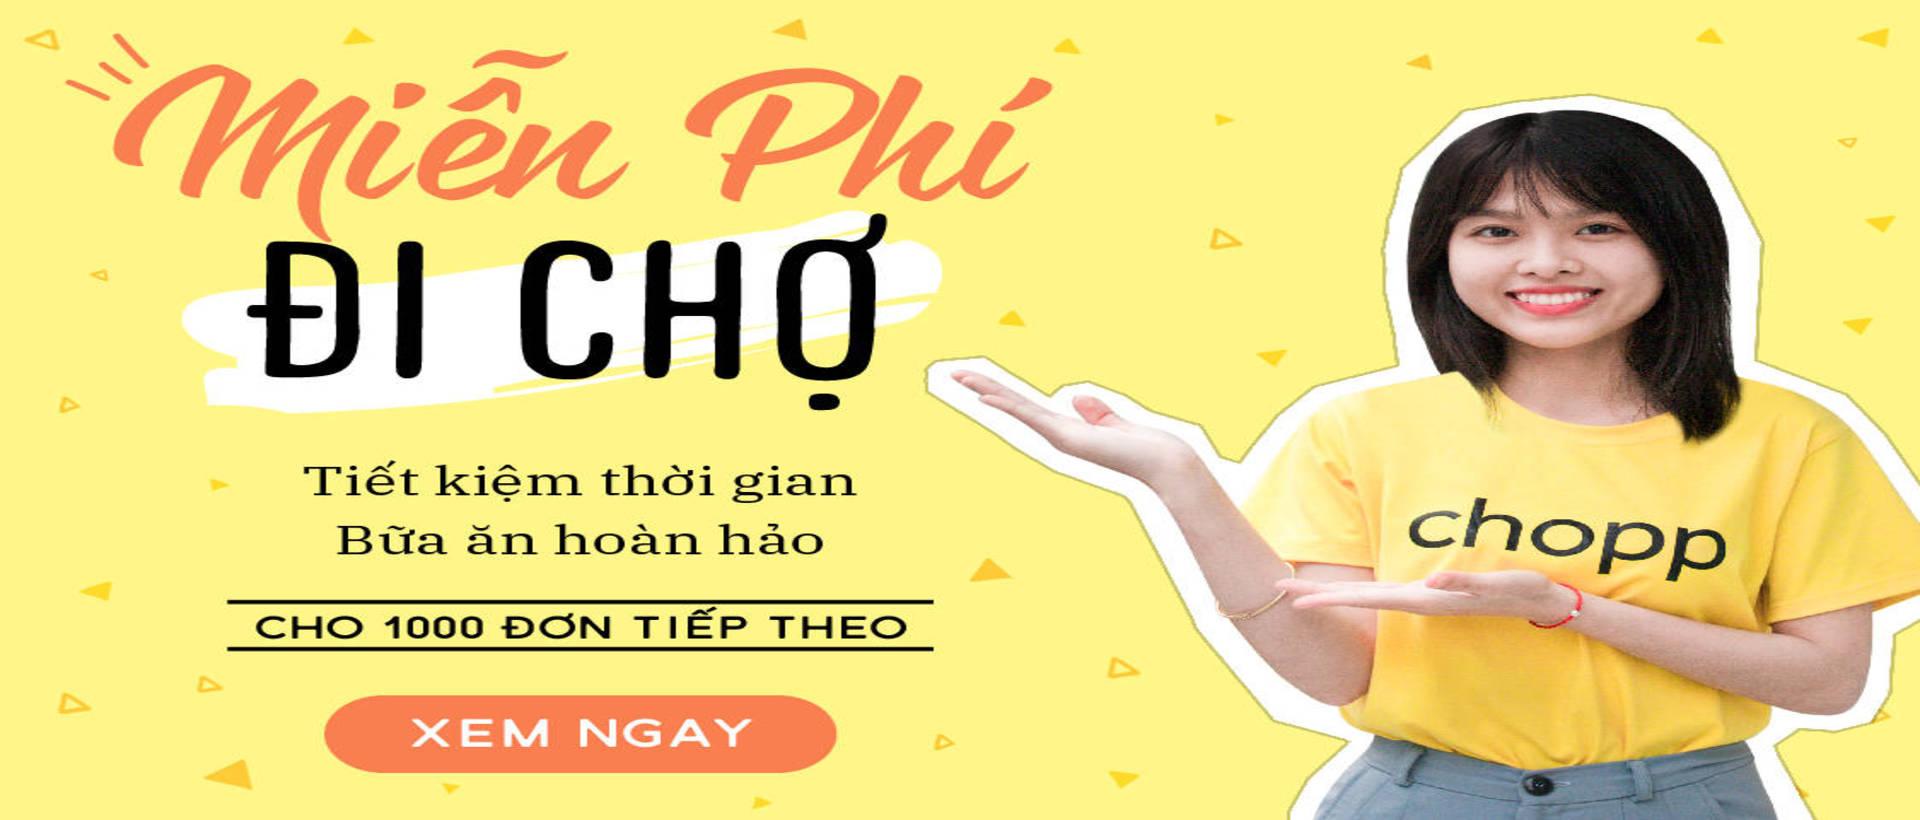 Chopp.vn - Siêu Thị Online, Sống Khoẻ Mỗi Ngày